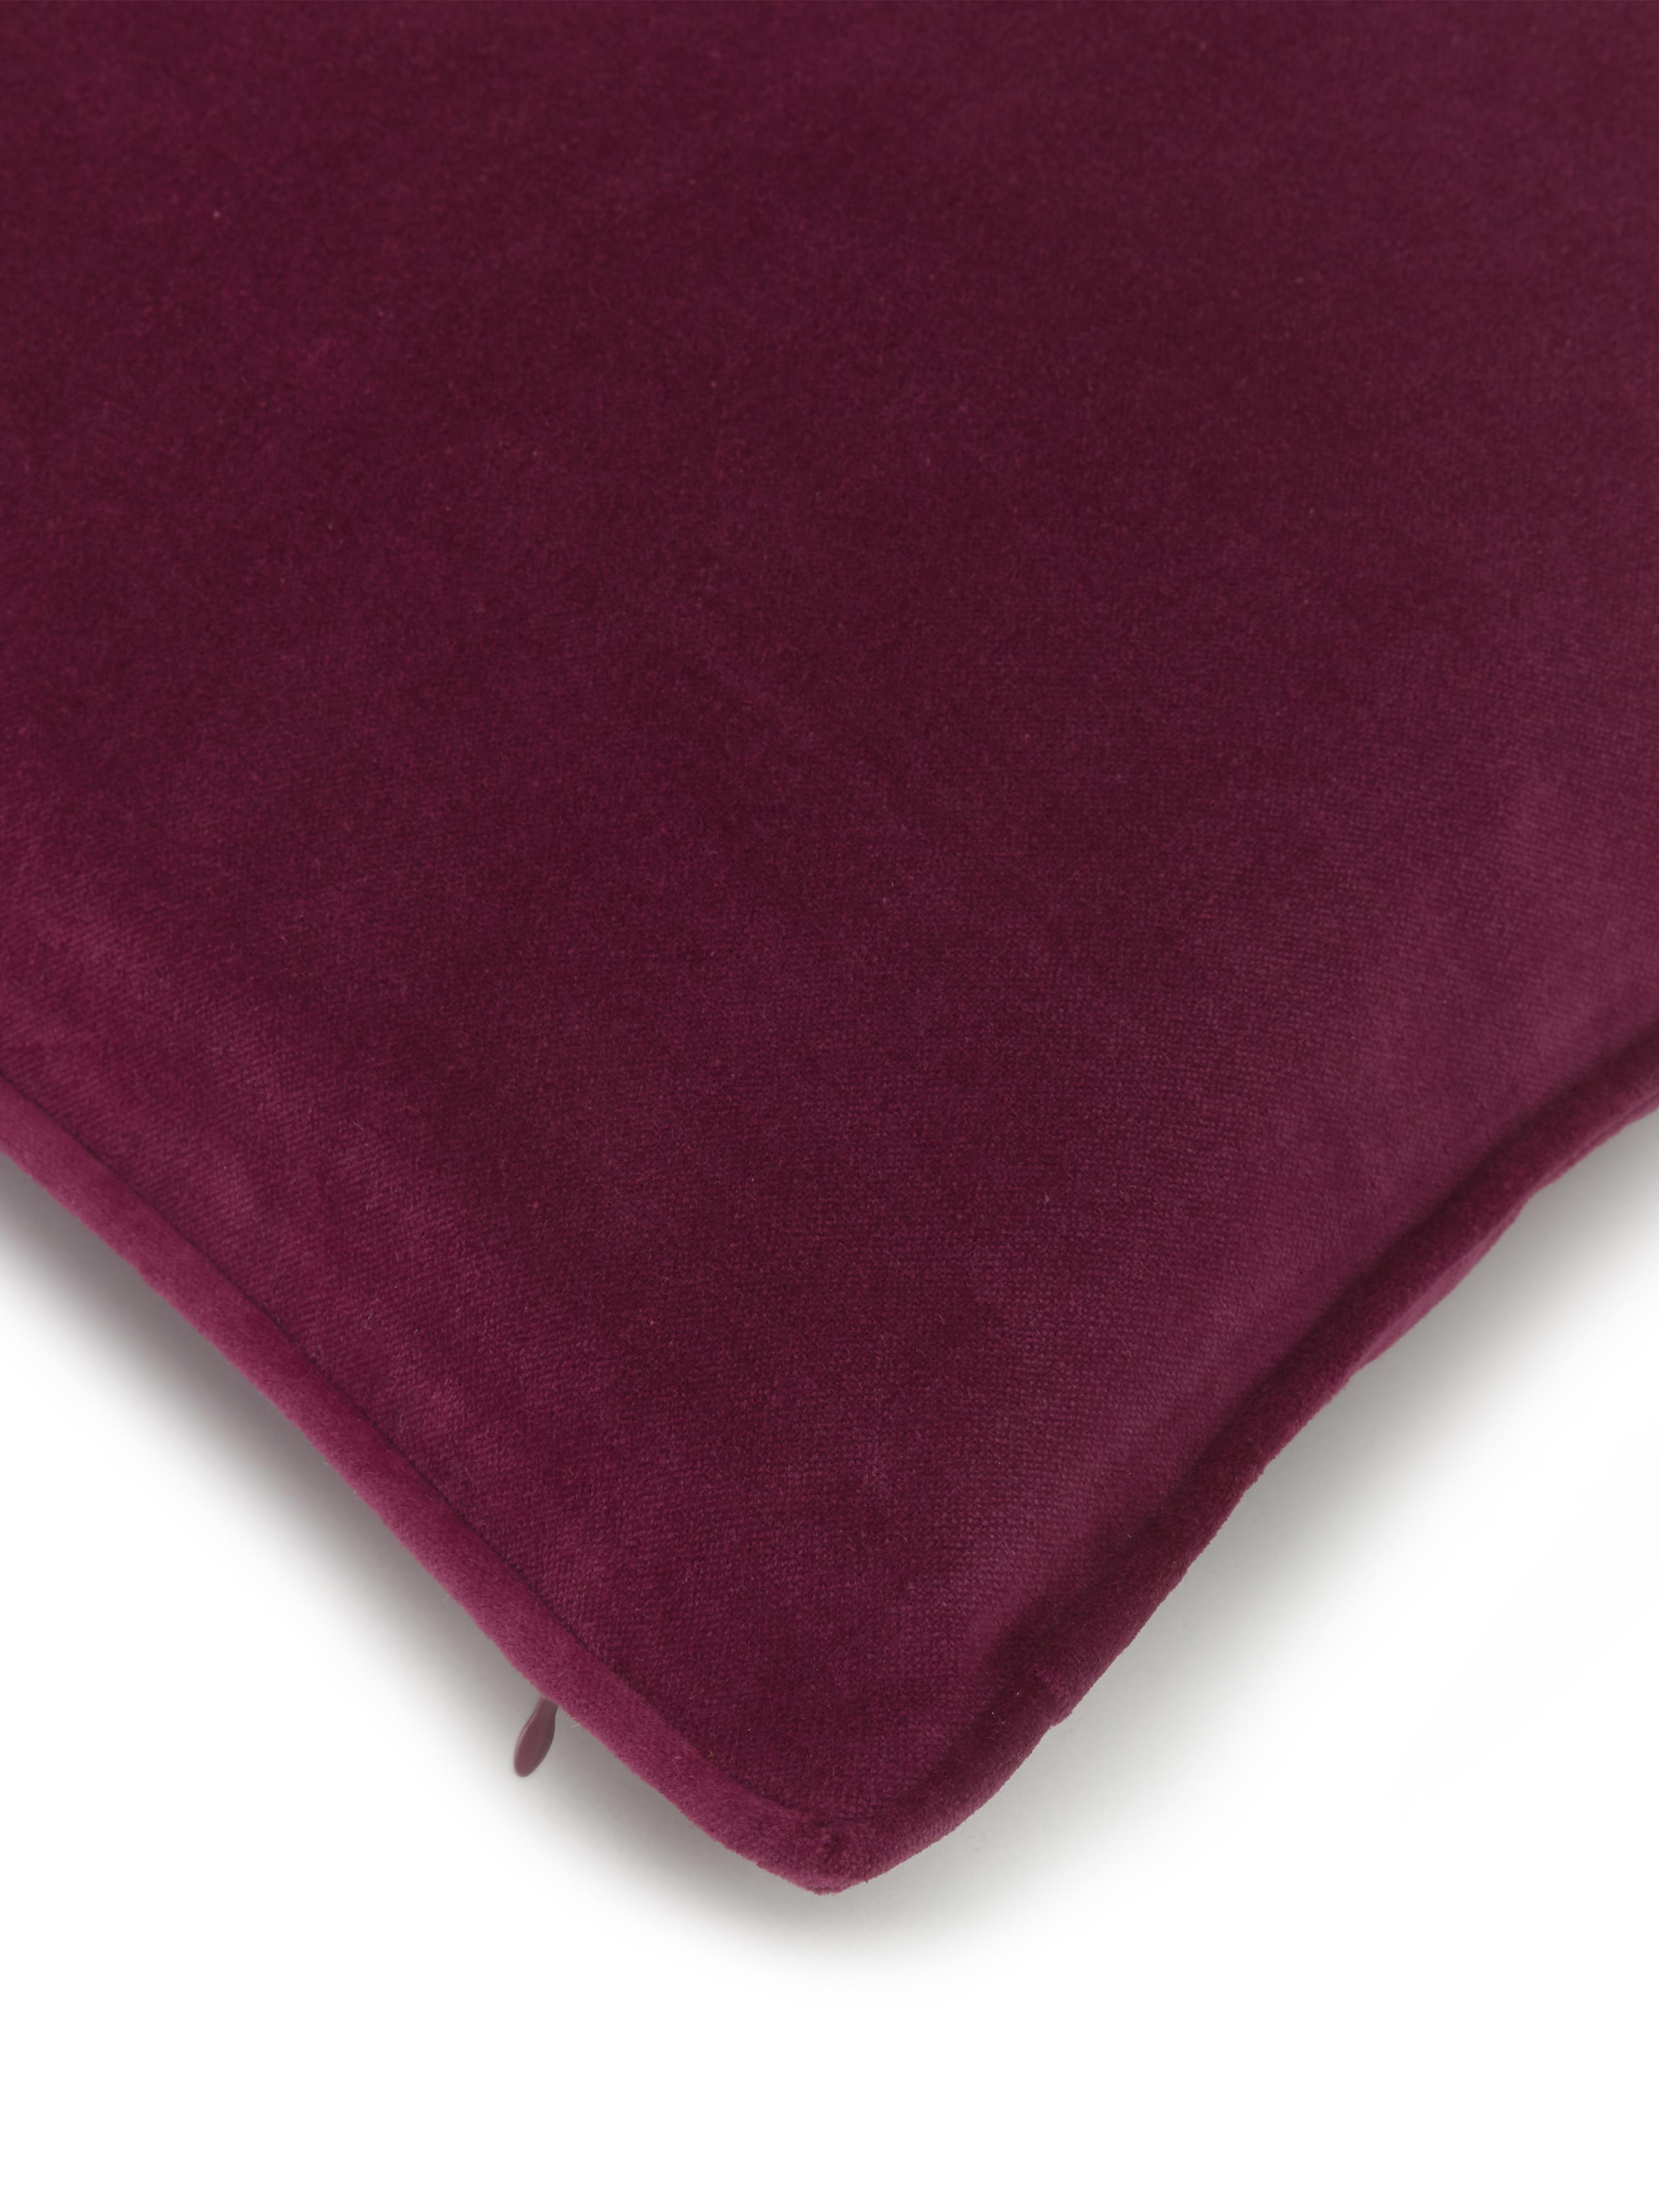 Einfarbige Samt-Kissenhülle Dana in Weinrot, 100% Baumwollsamt, Weinrot, 40 x 40 cm